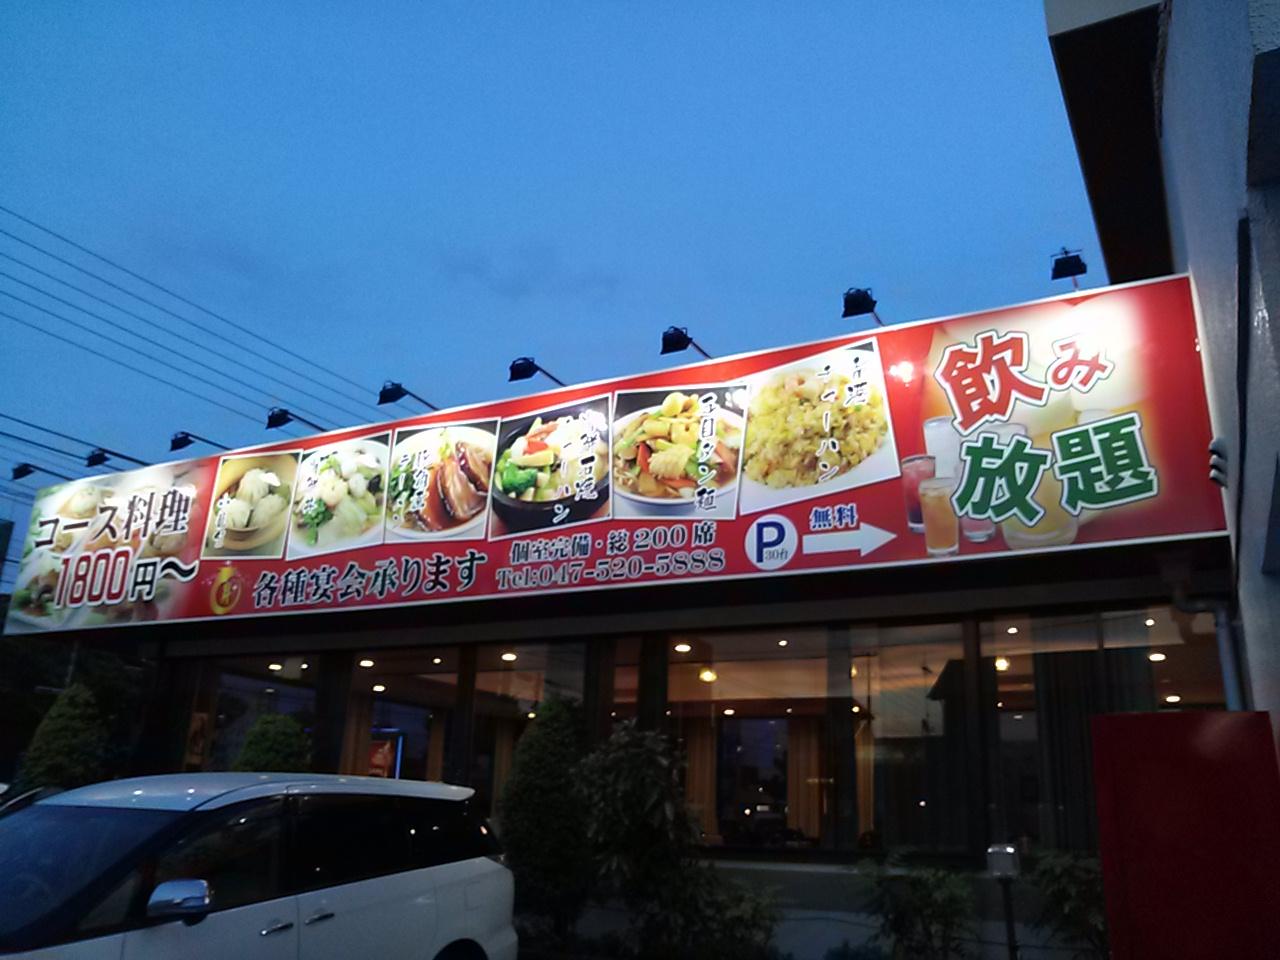 昇龍苑 茂原店